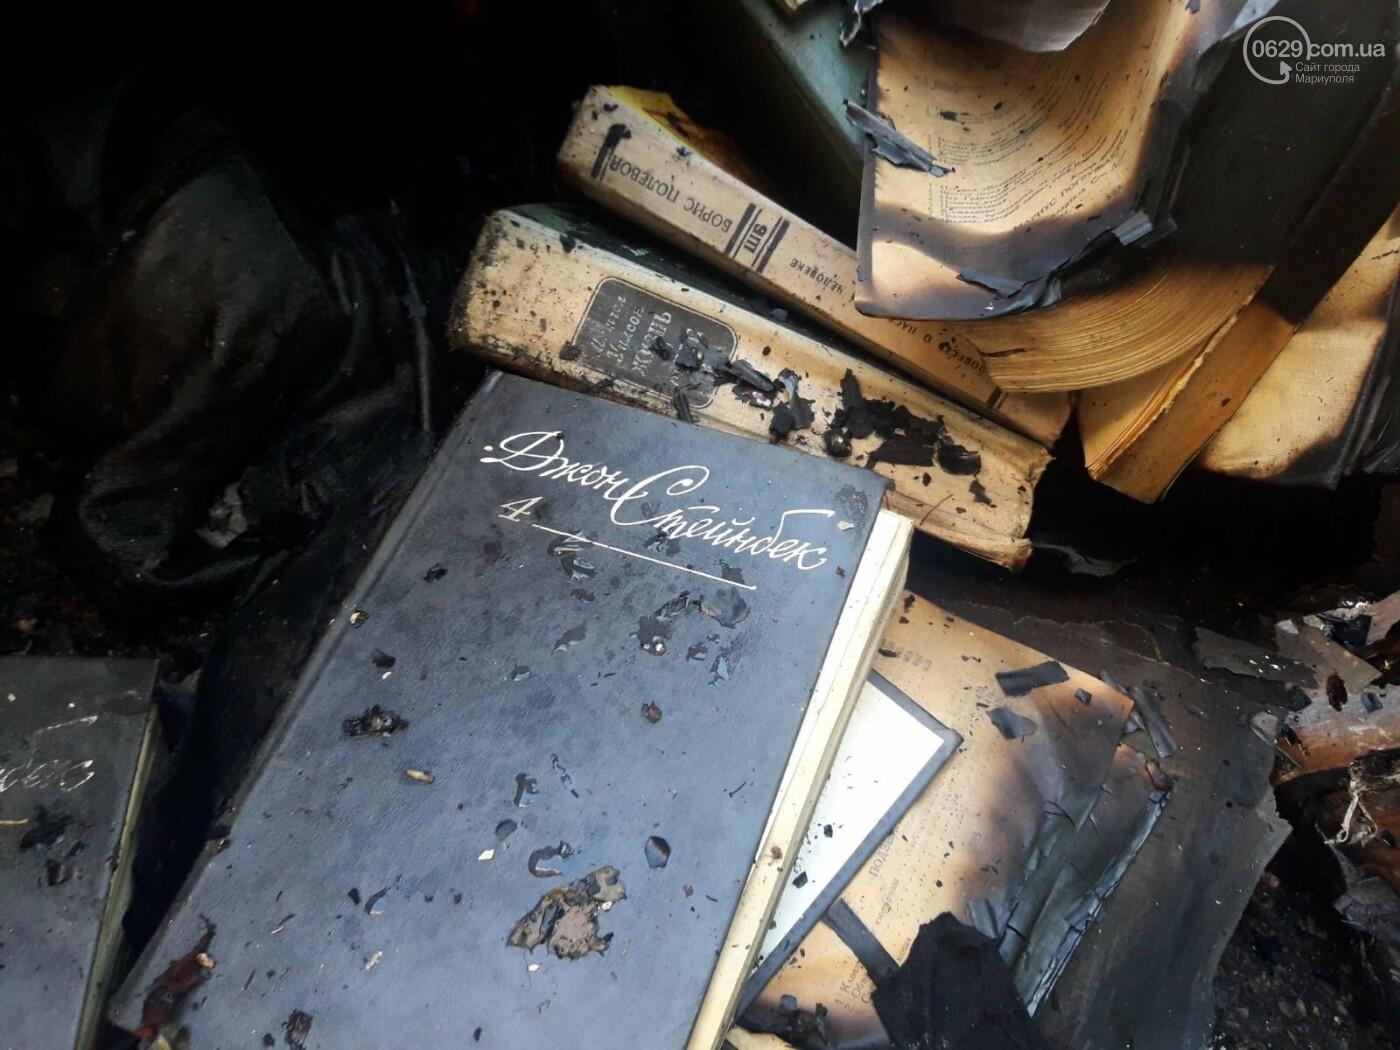 В Мариуполе на улице Куприна  горели книги,-ФОТО, фото-1